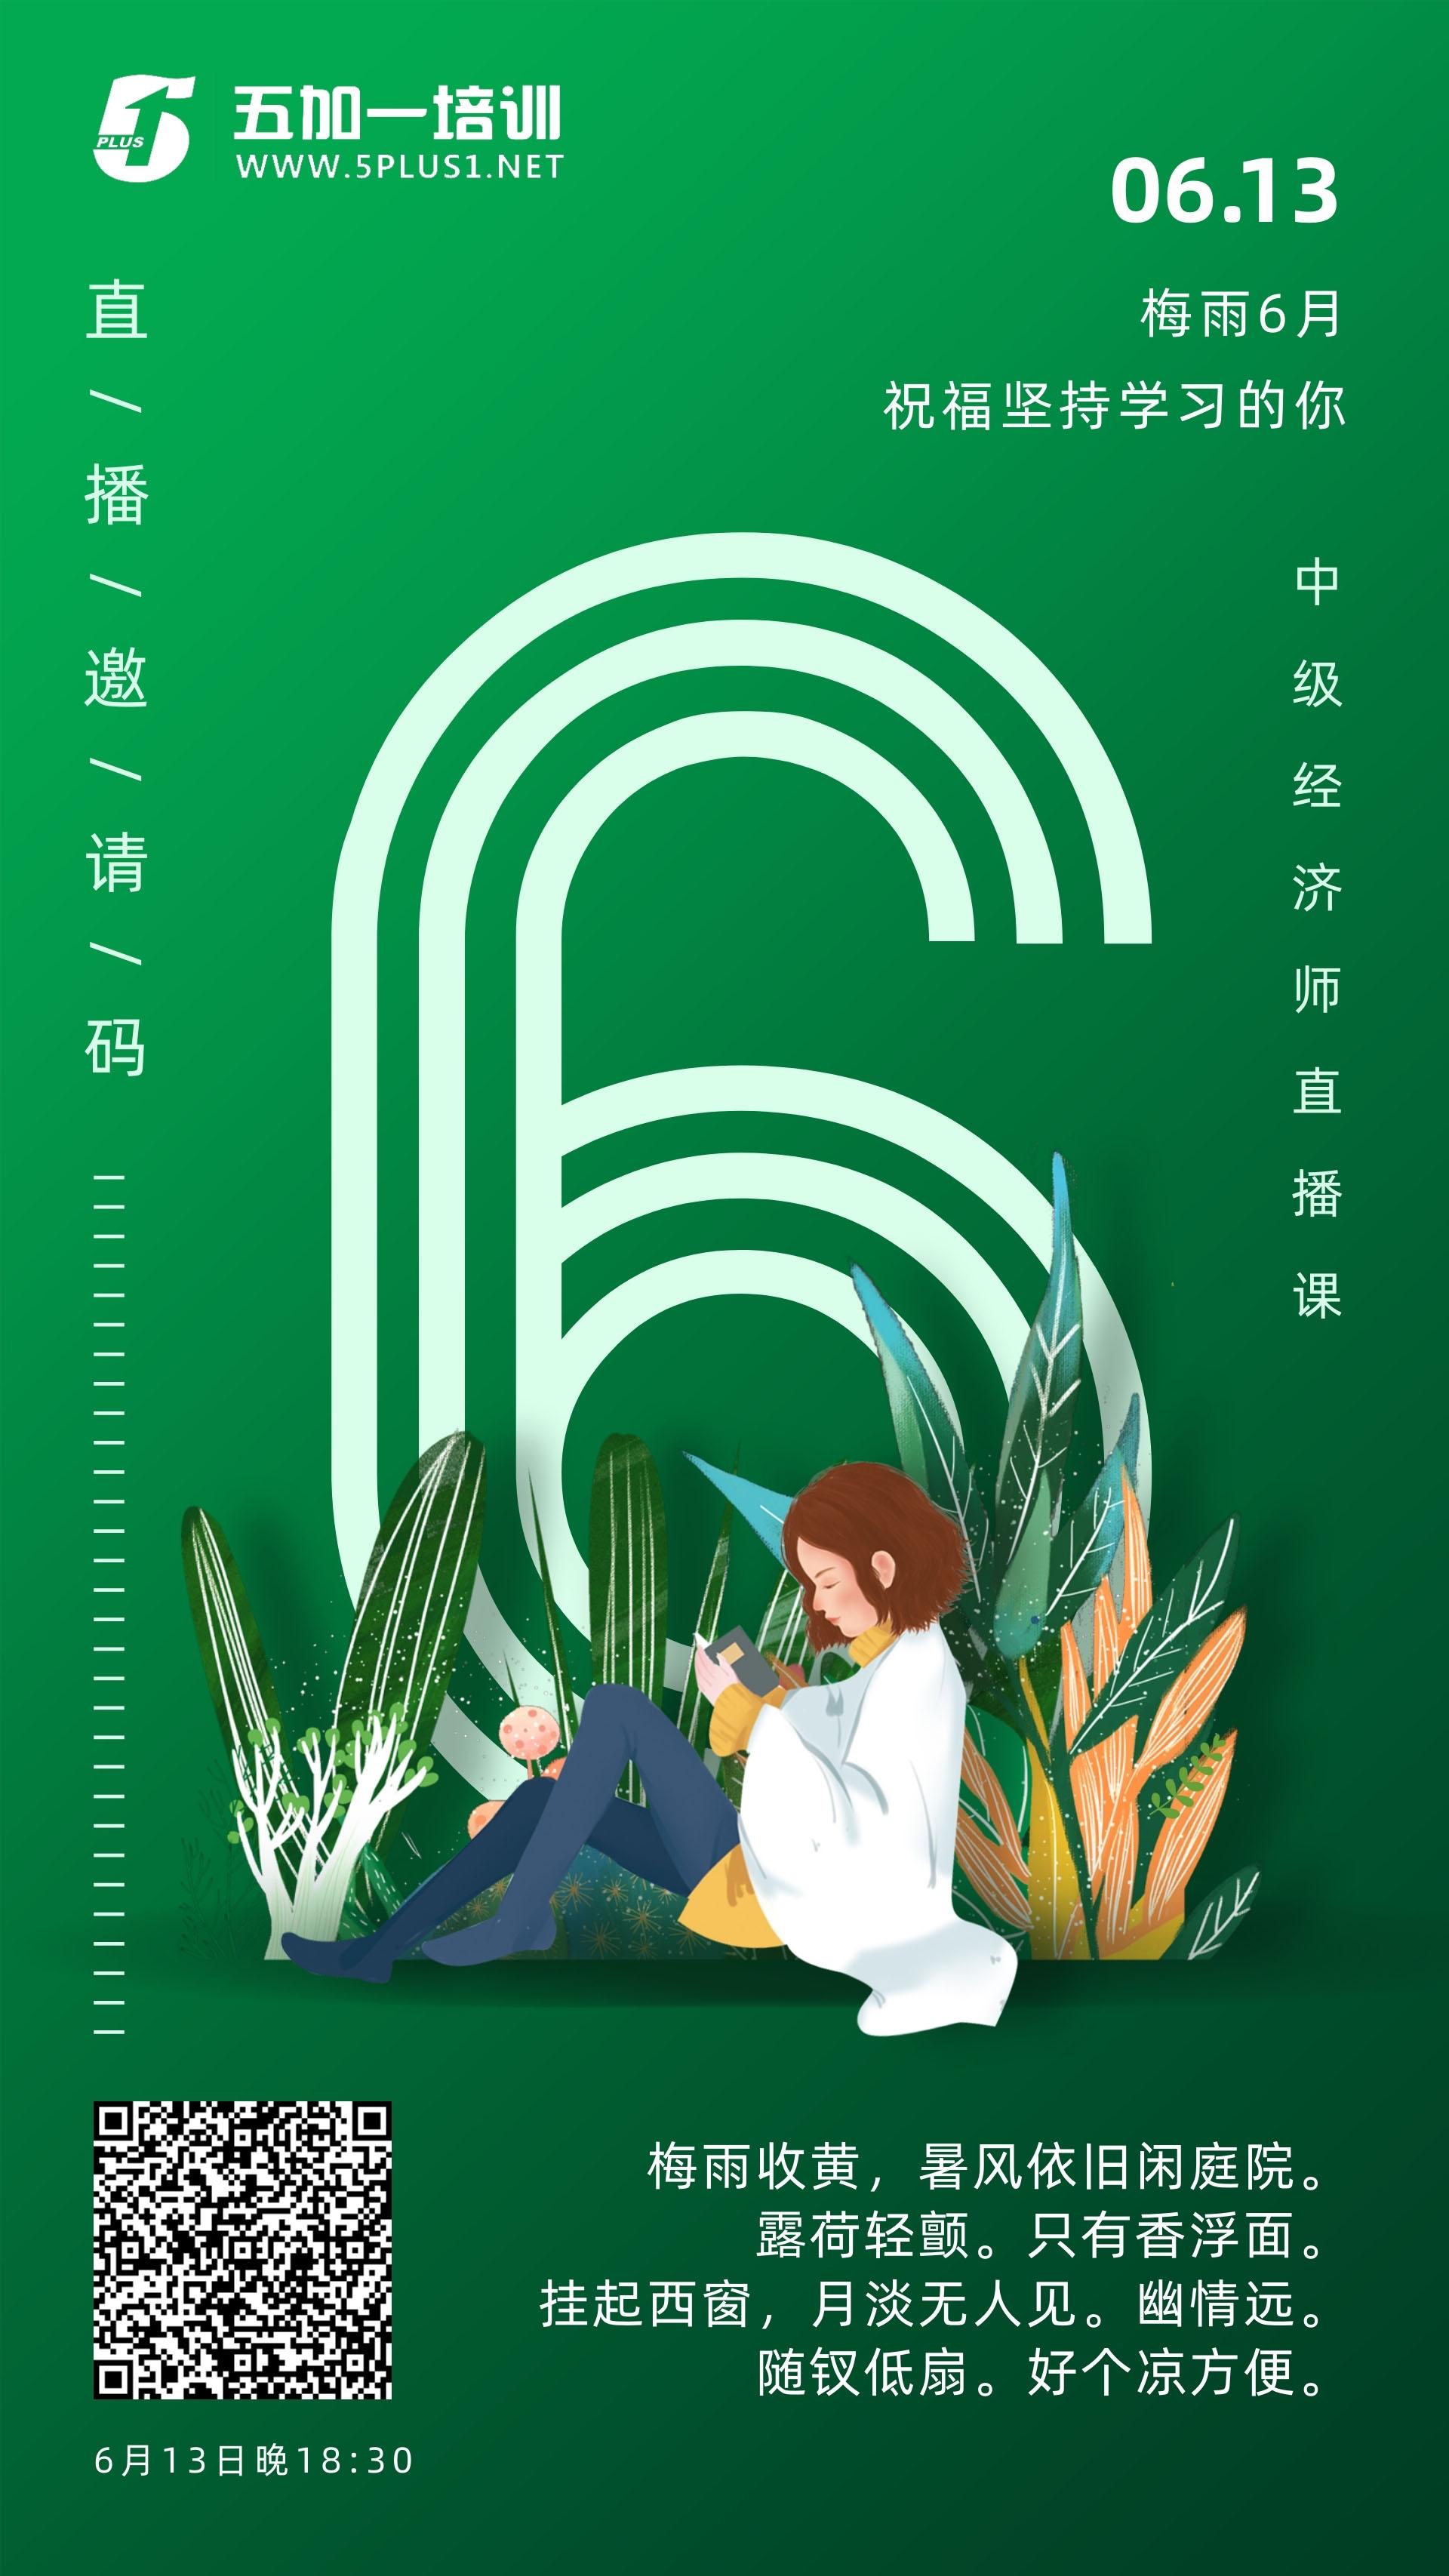 中级经济师合格线_五加一 上海培训师 ,人力资源管理师考证,茶艺插花,上海经济师培训